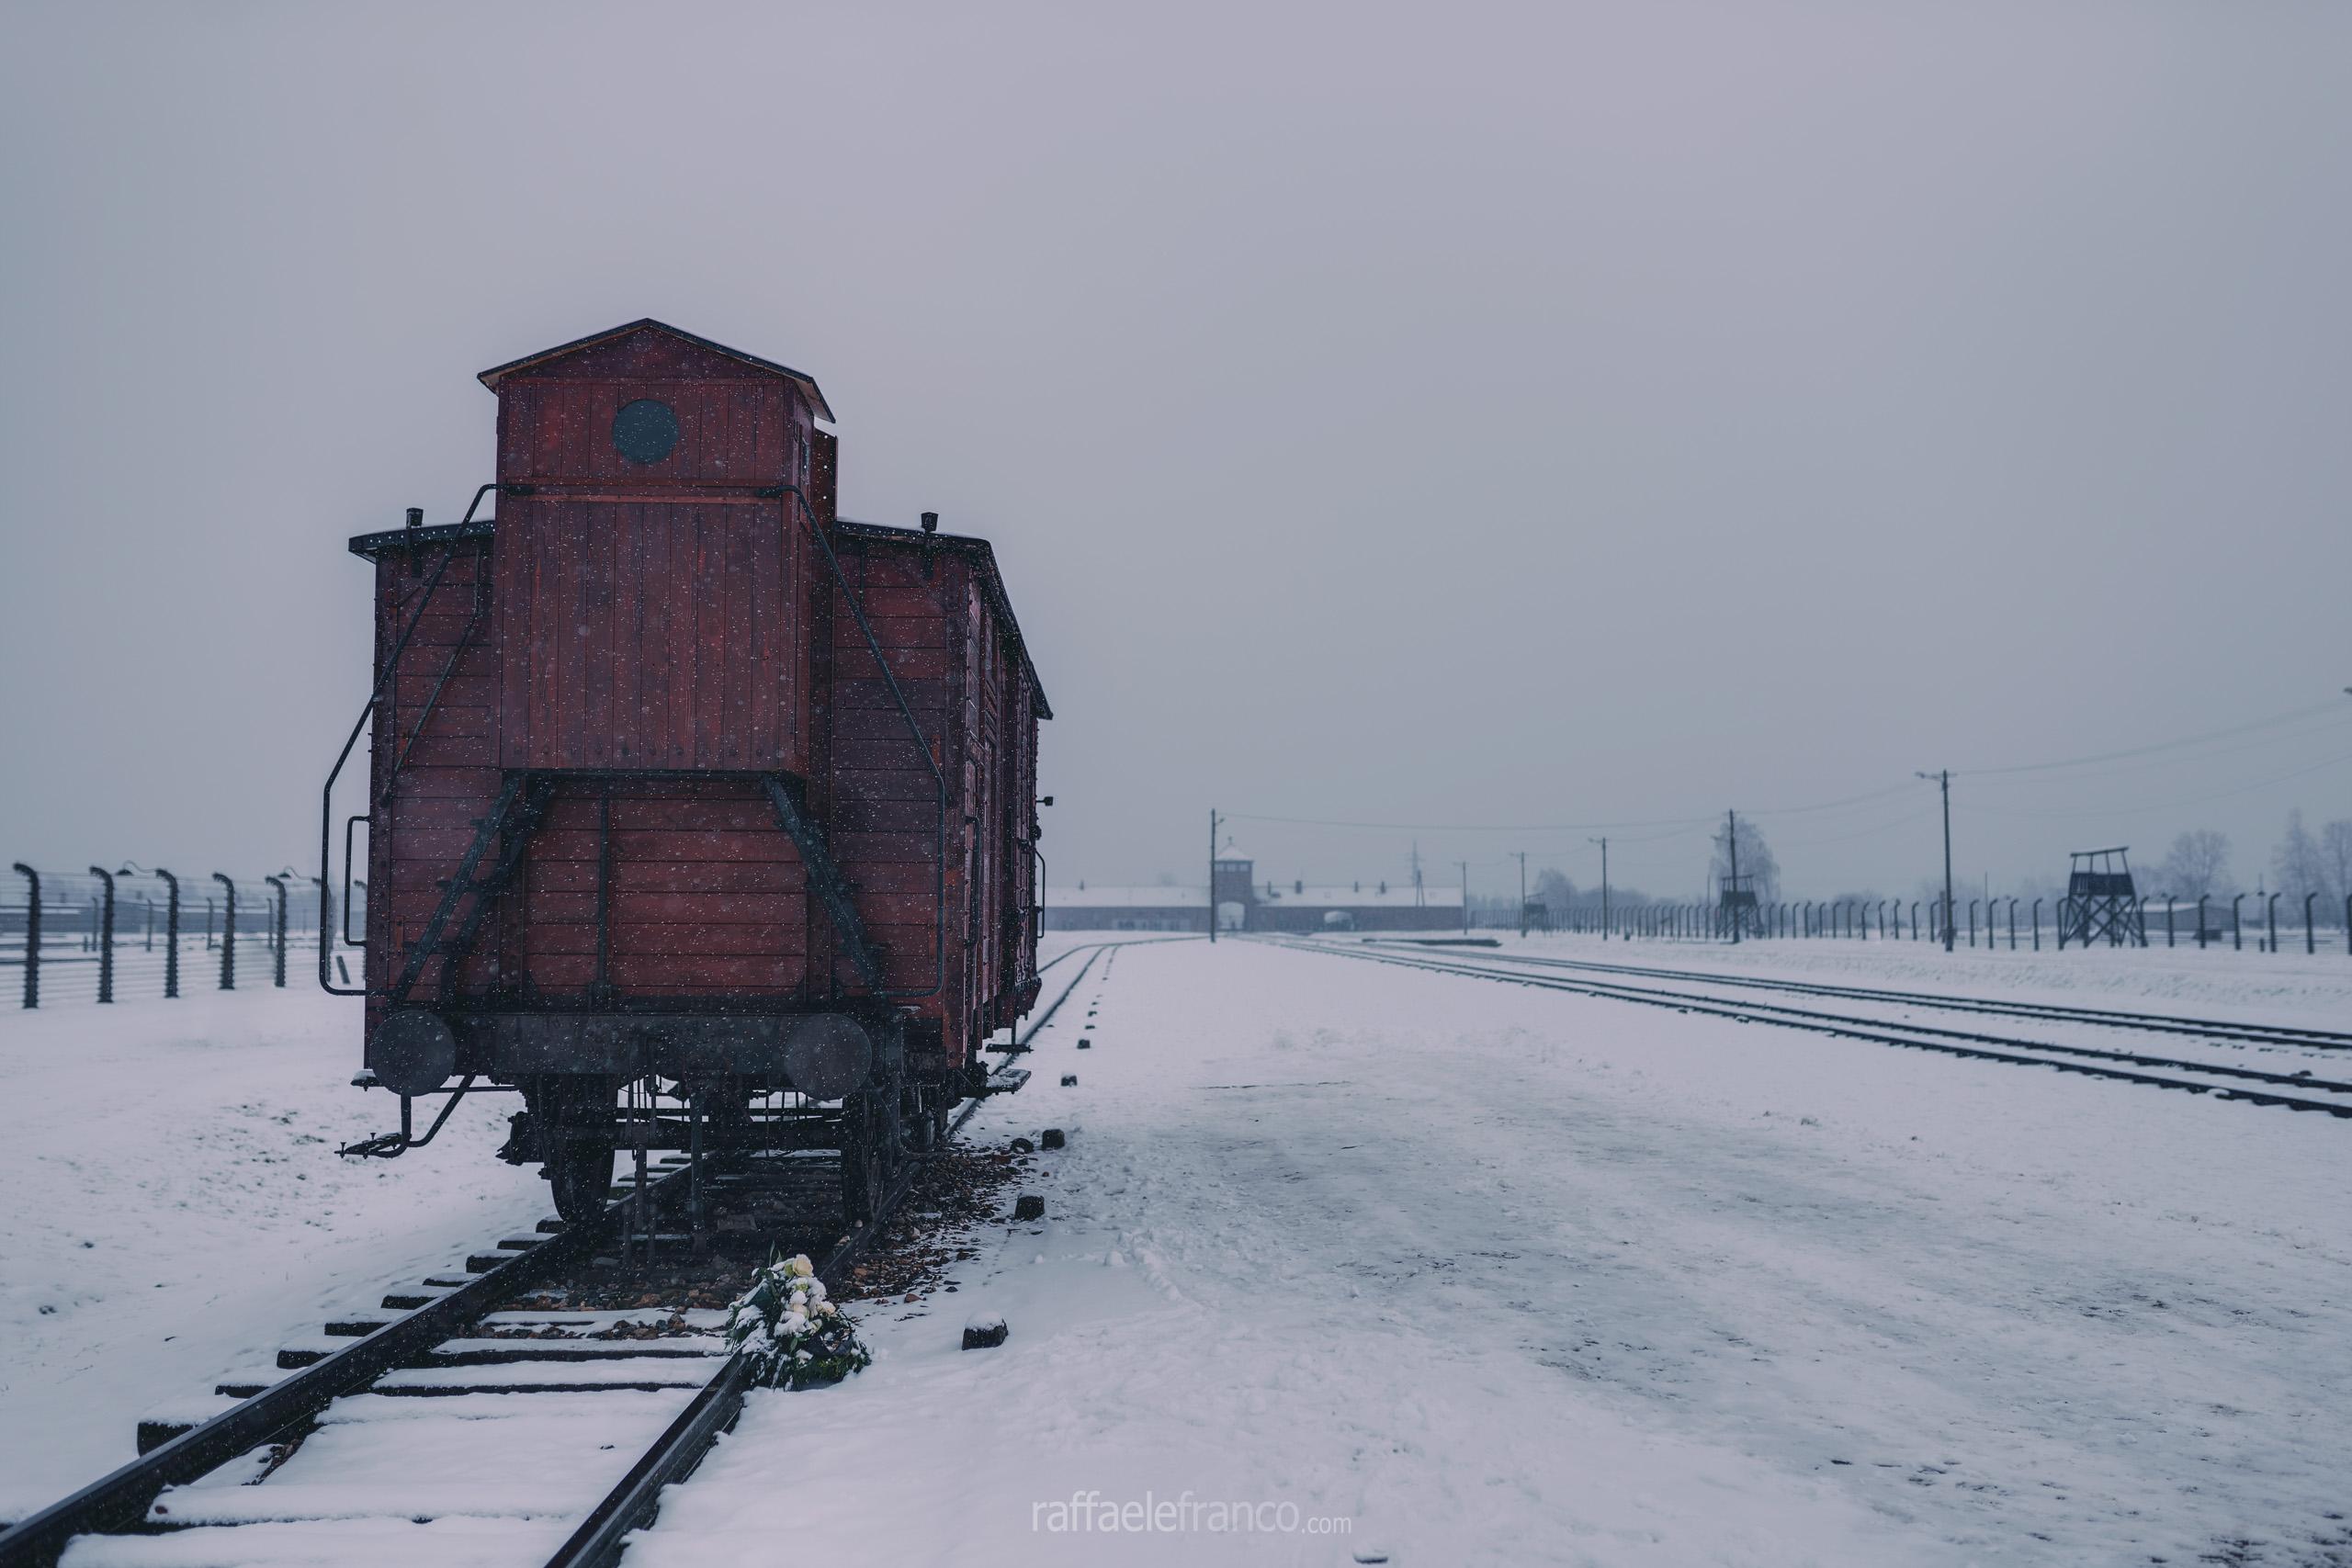 Il vagone simbolo della deportazione degli ebrei da parte dei nazisti, al centro del campo di Auschwitz-Birkenau II